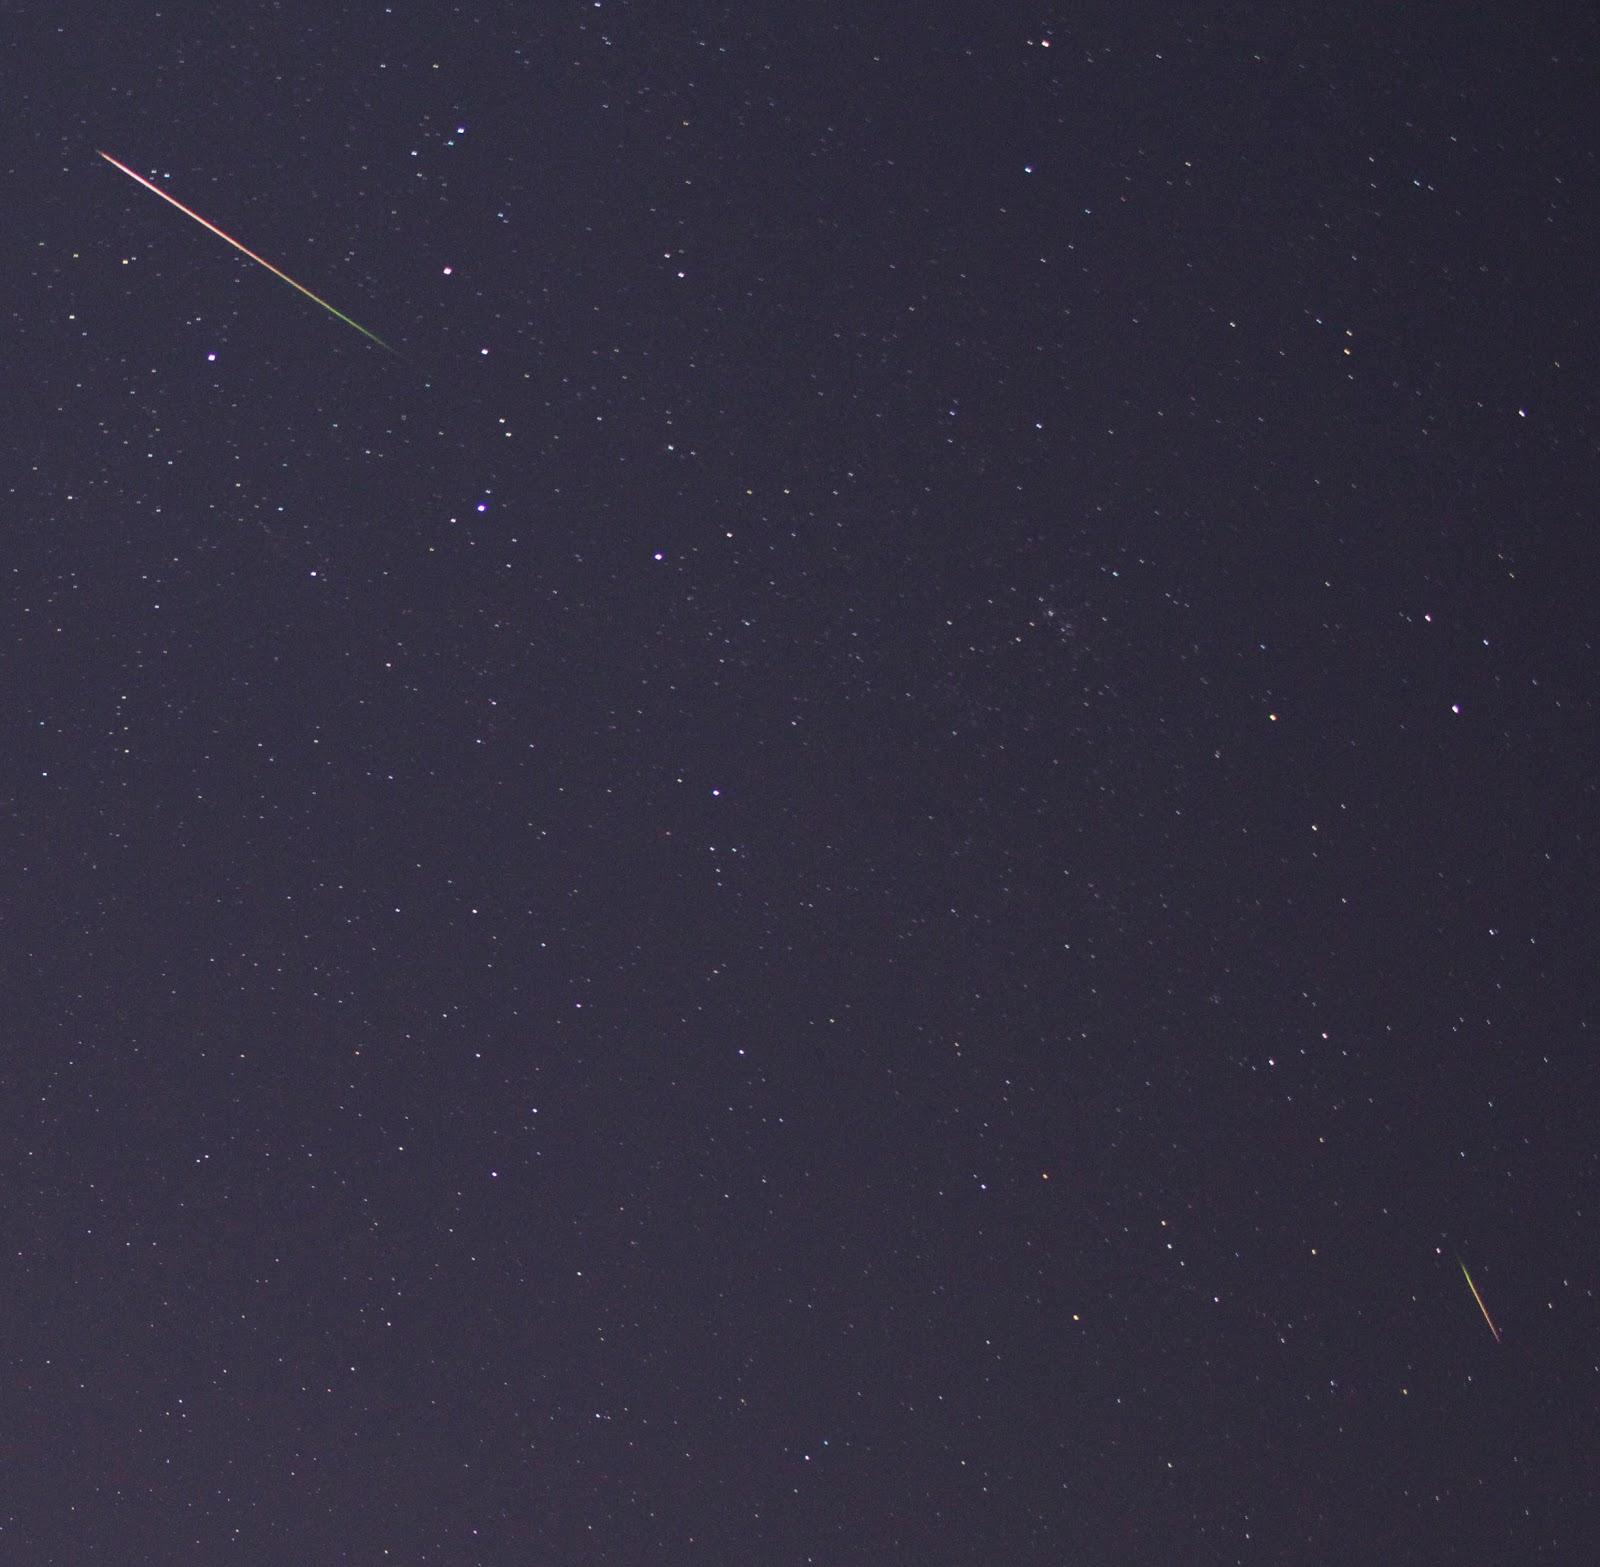 bright perseid meteors